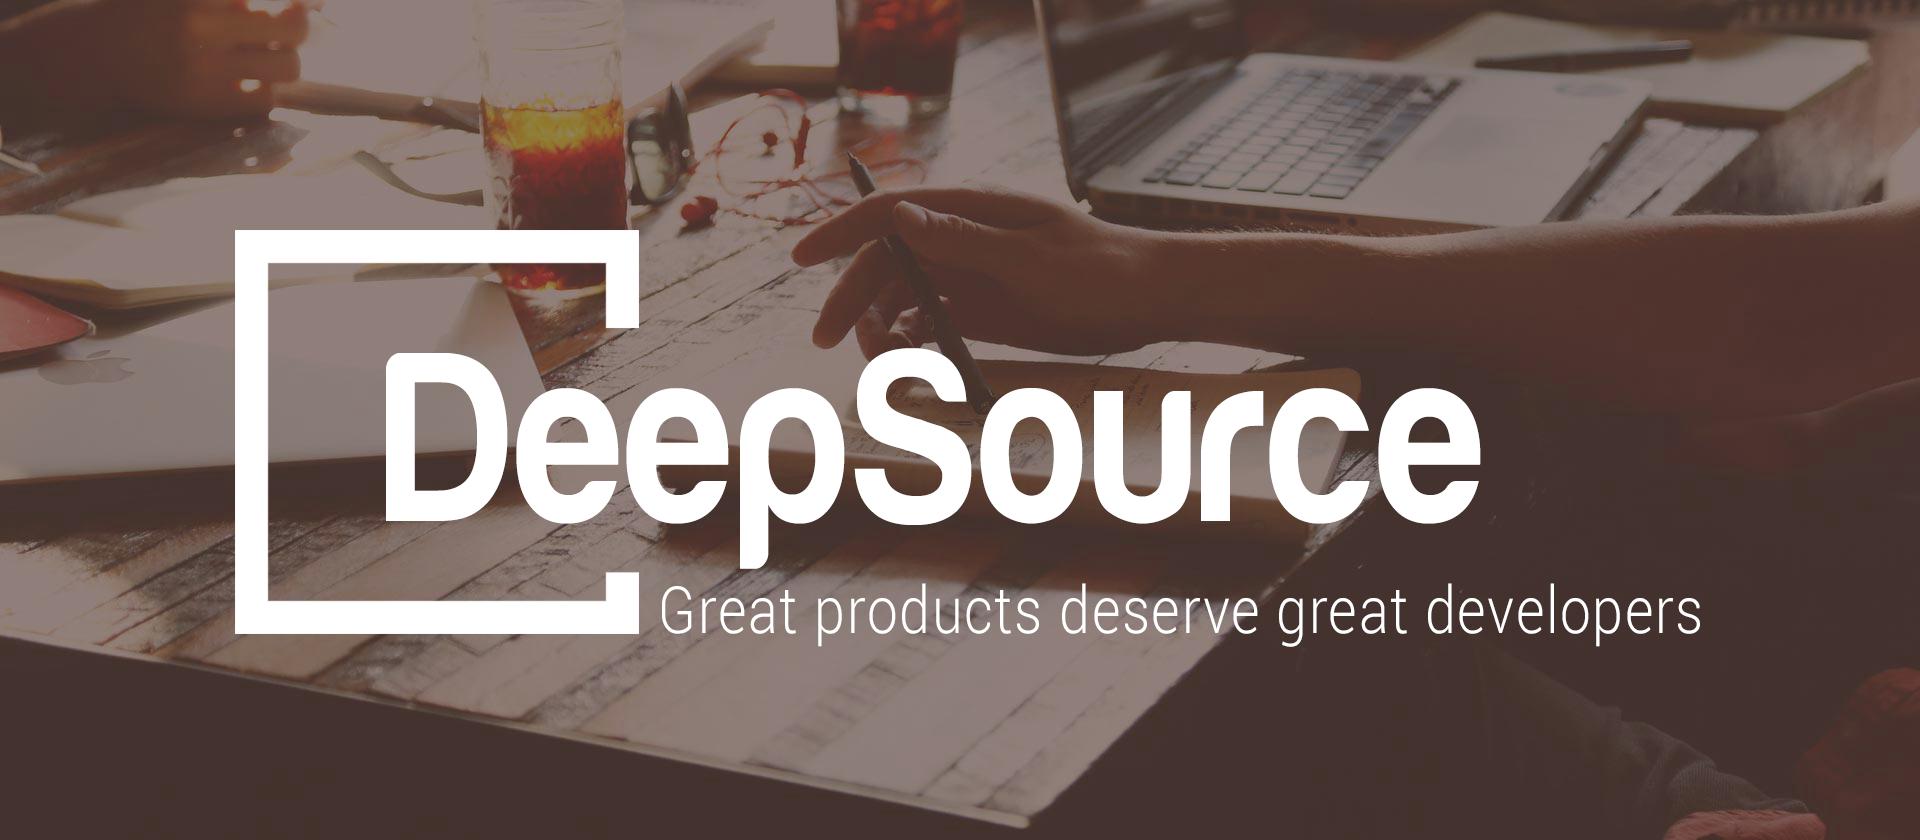 DeepSource afferma che gli hacker hanno compromesso la sua applicazione GitHub